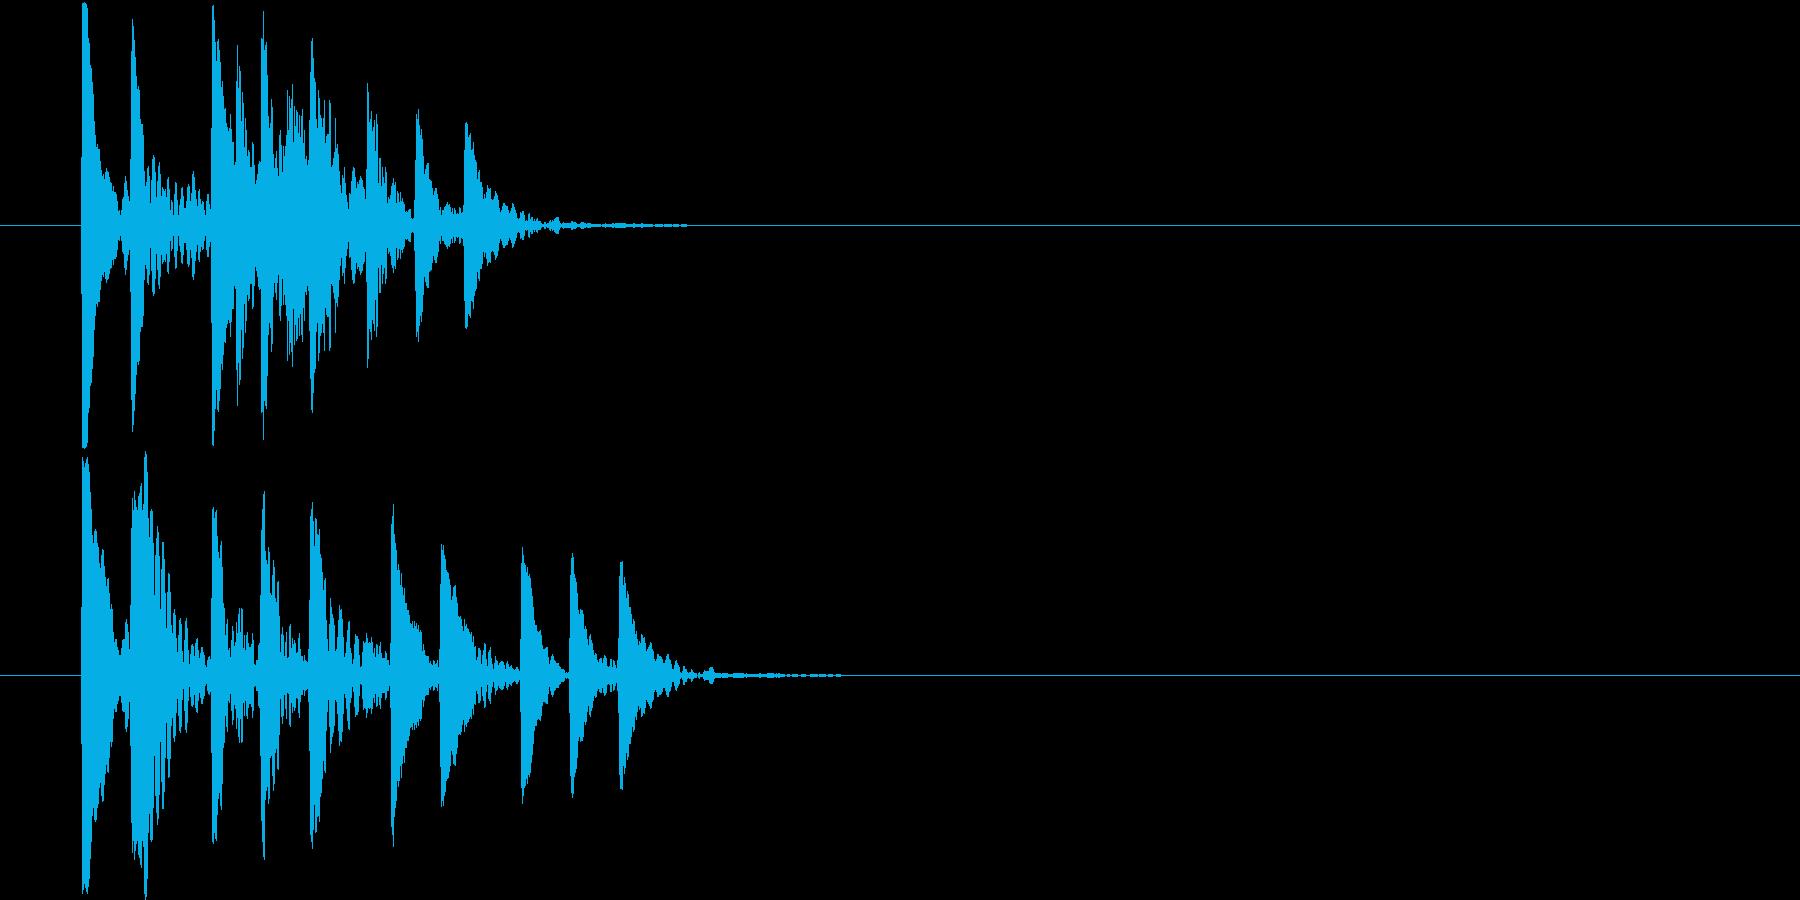 回復アイテム使用時やアイテム取得時の音の再生済みの波形